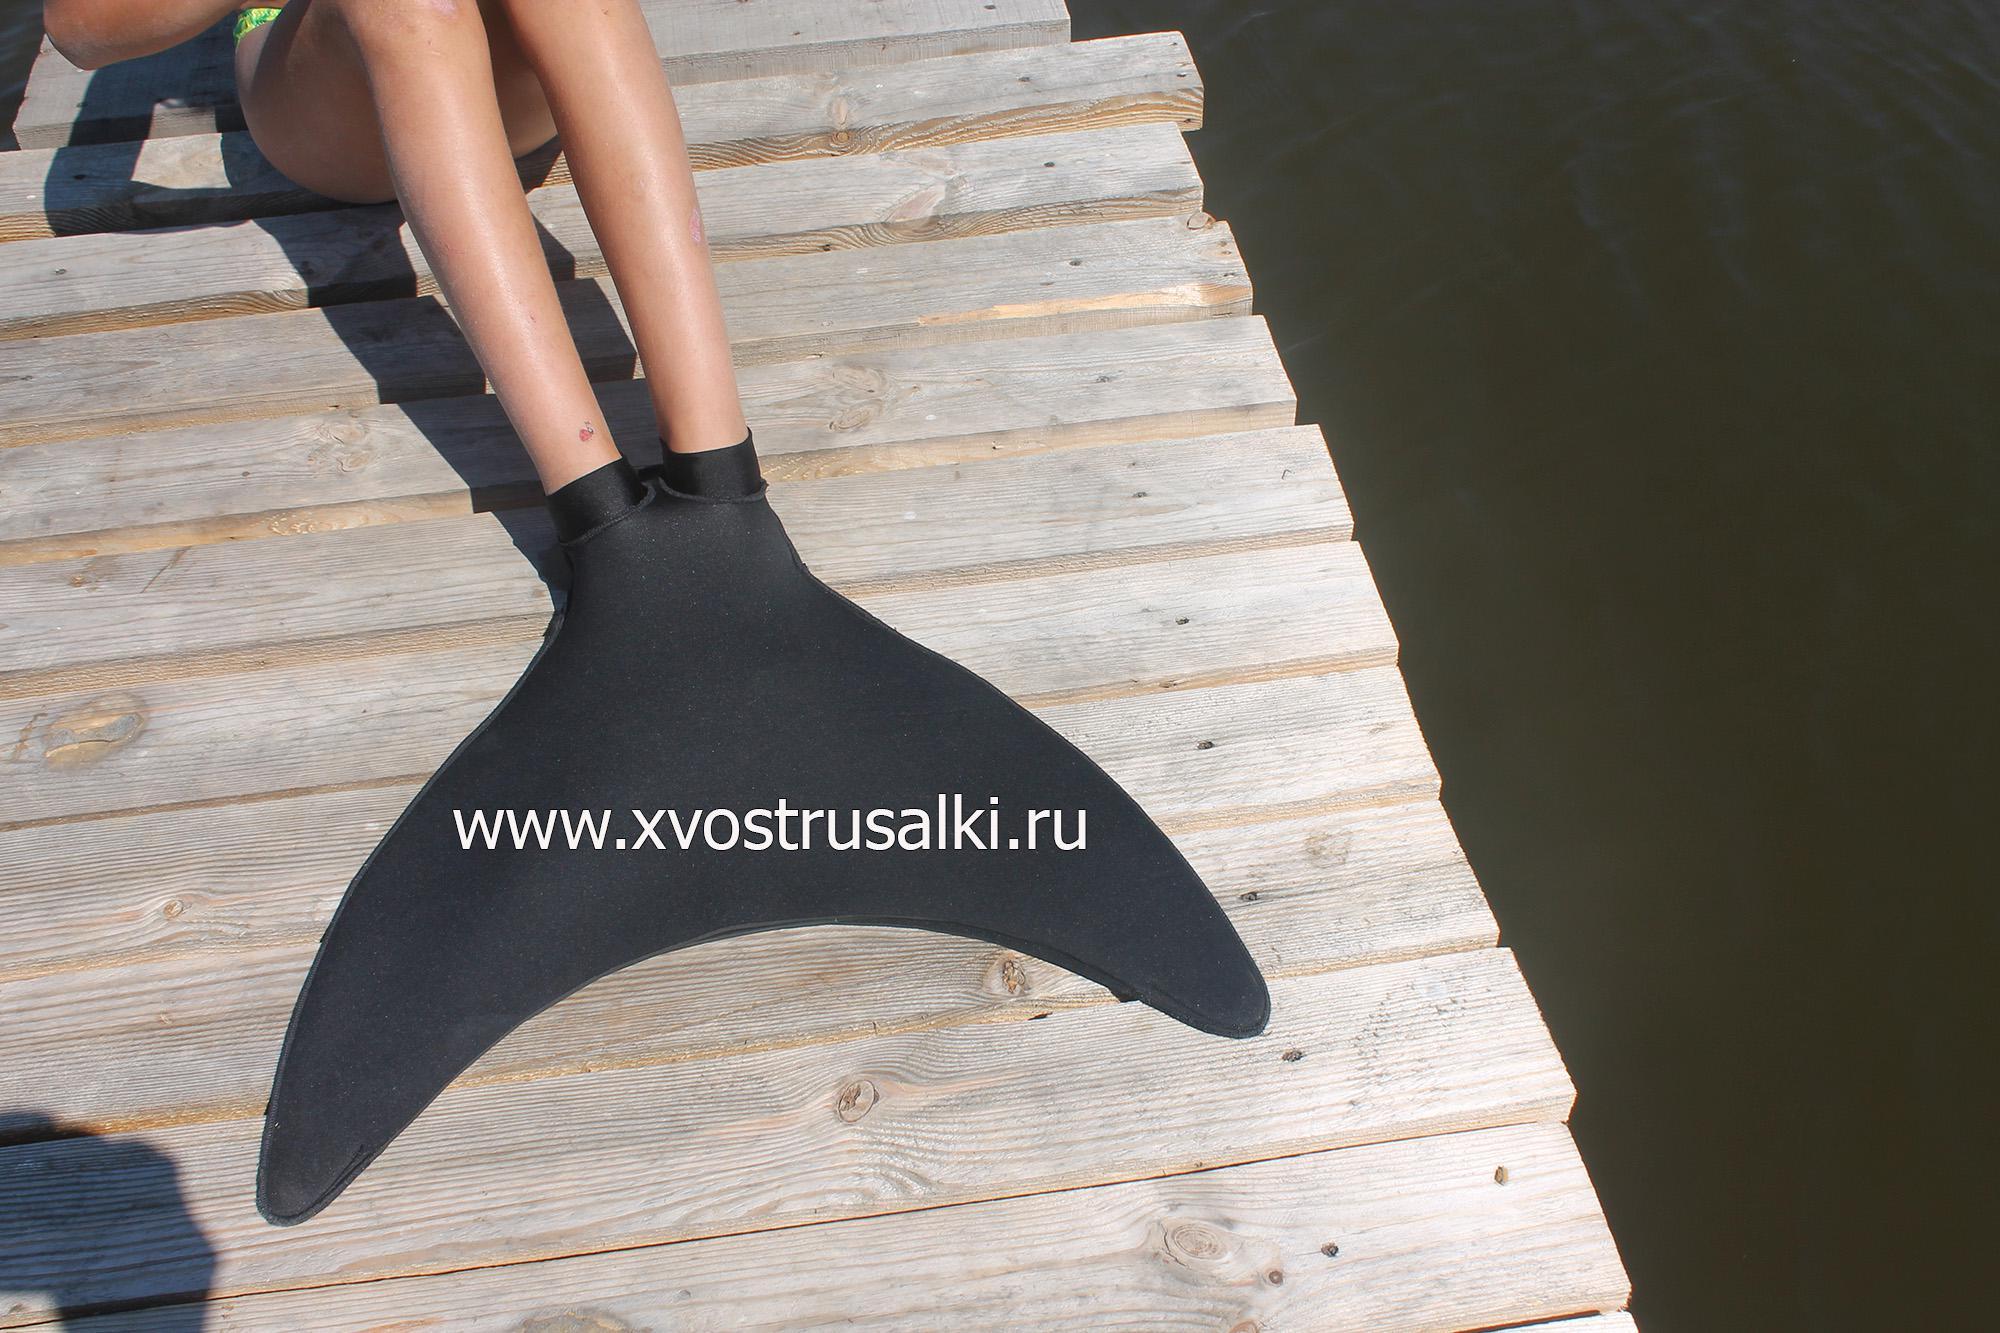 Как сделать хвост русалки